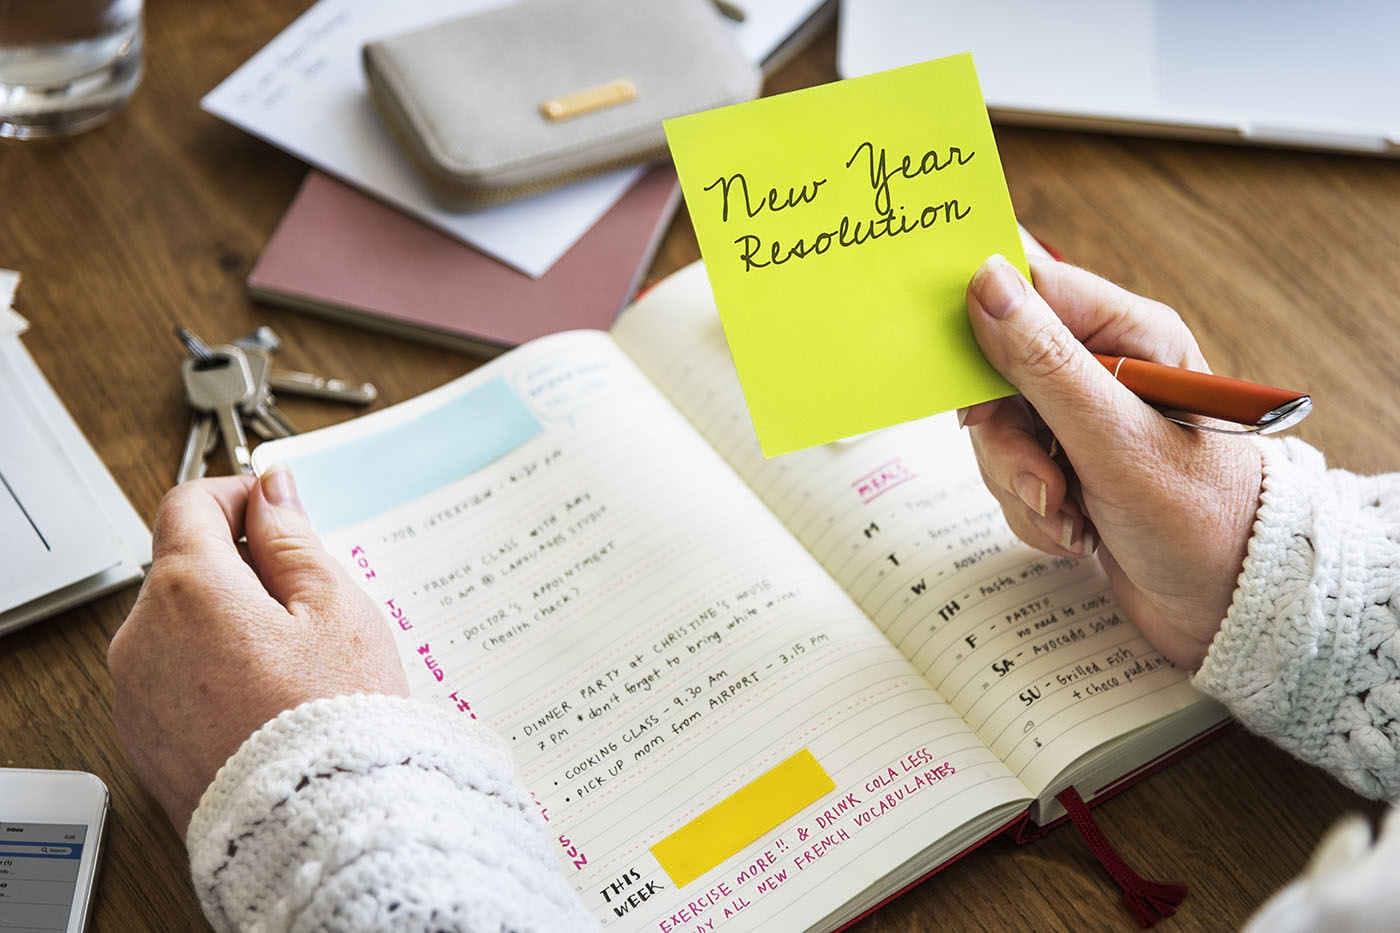 Hotărârile de Anul Nou: cum le respecți mai ușor?